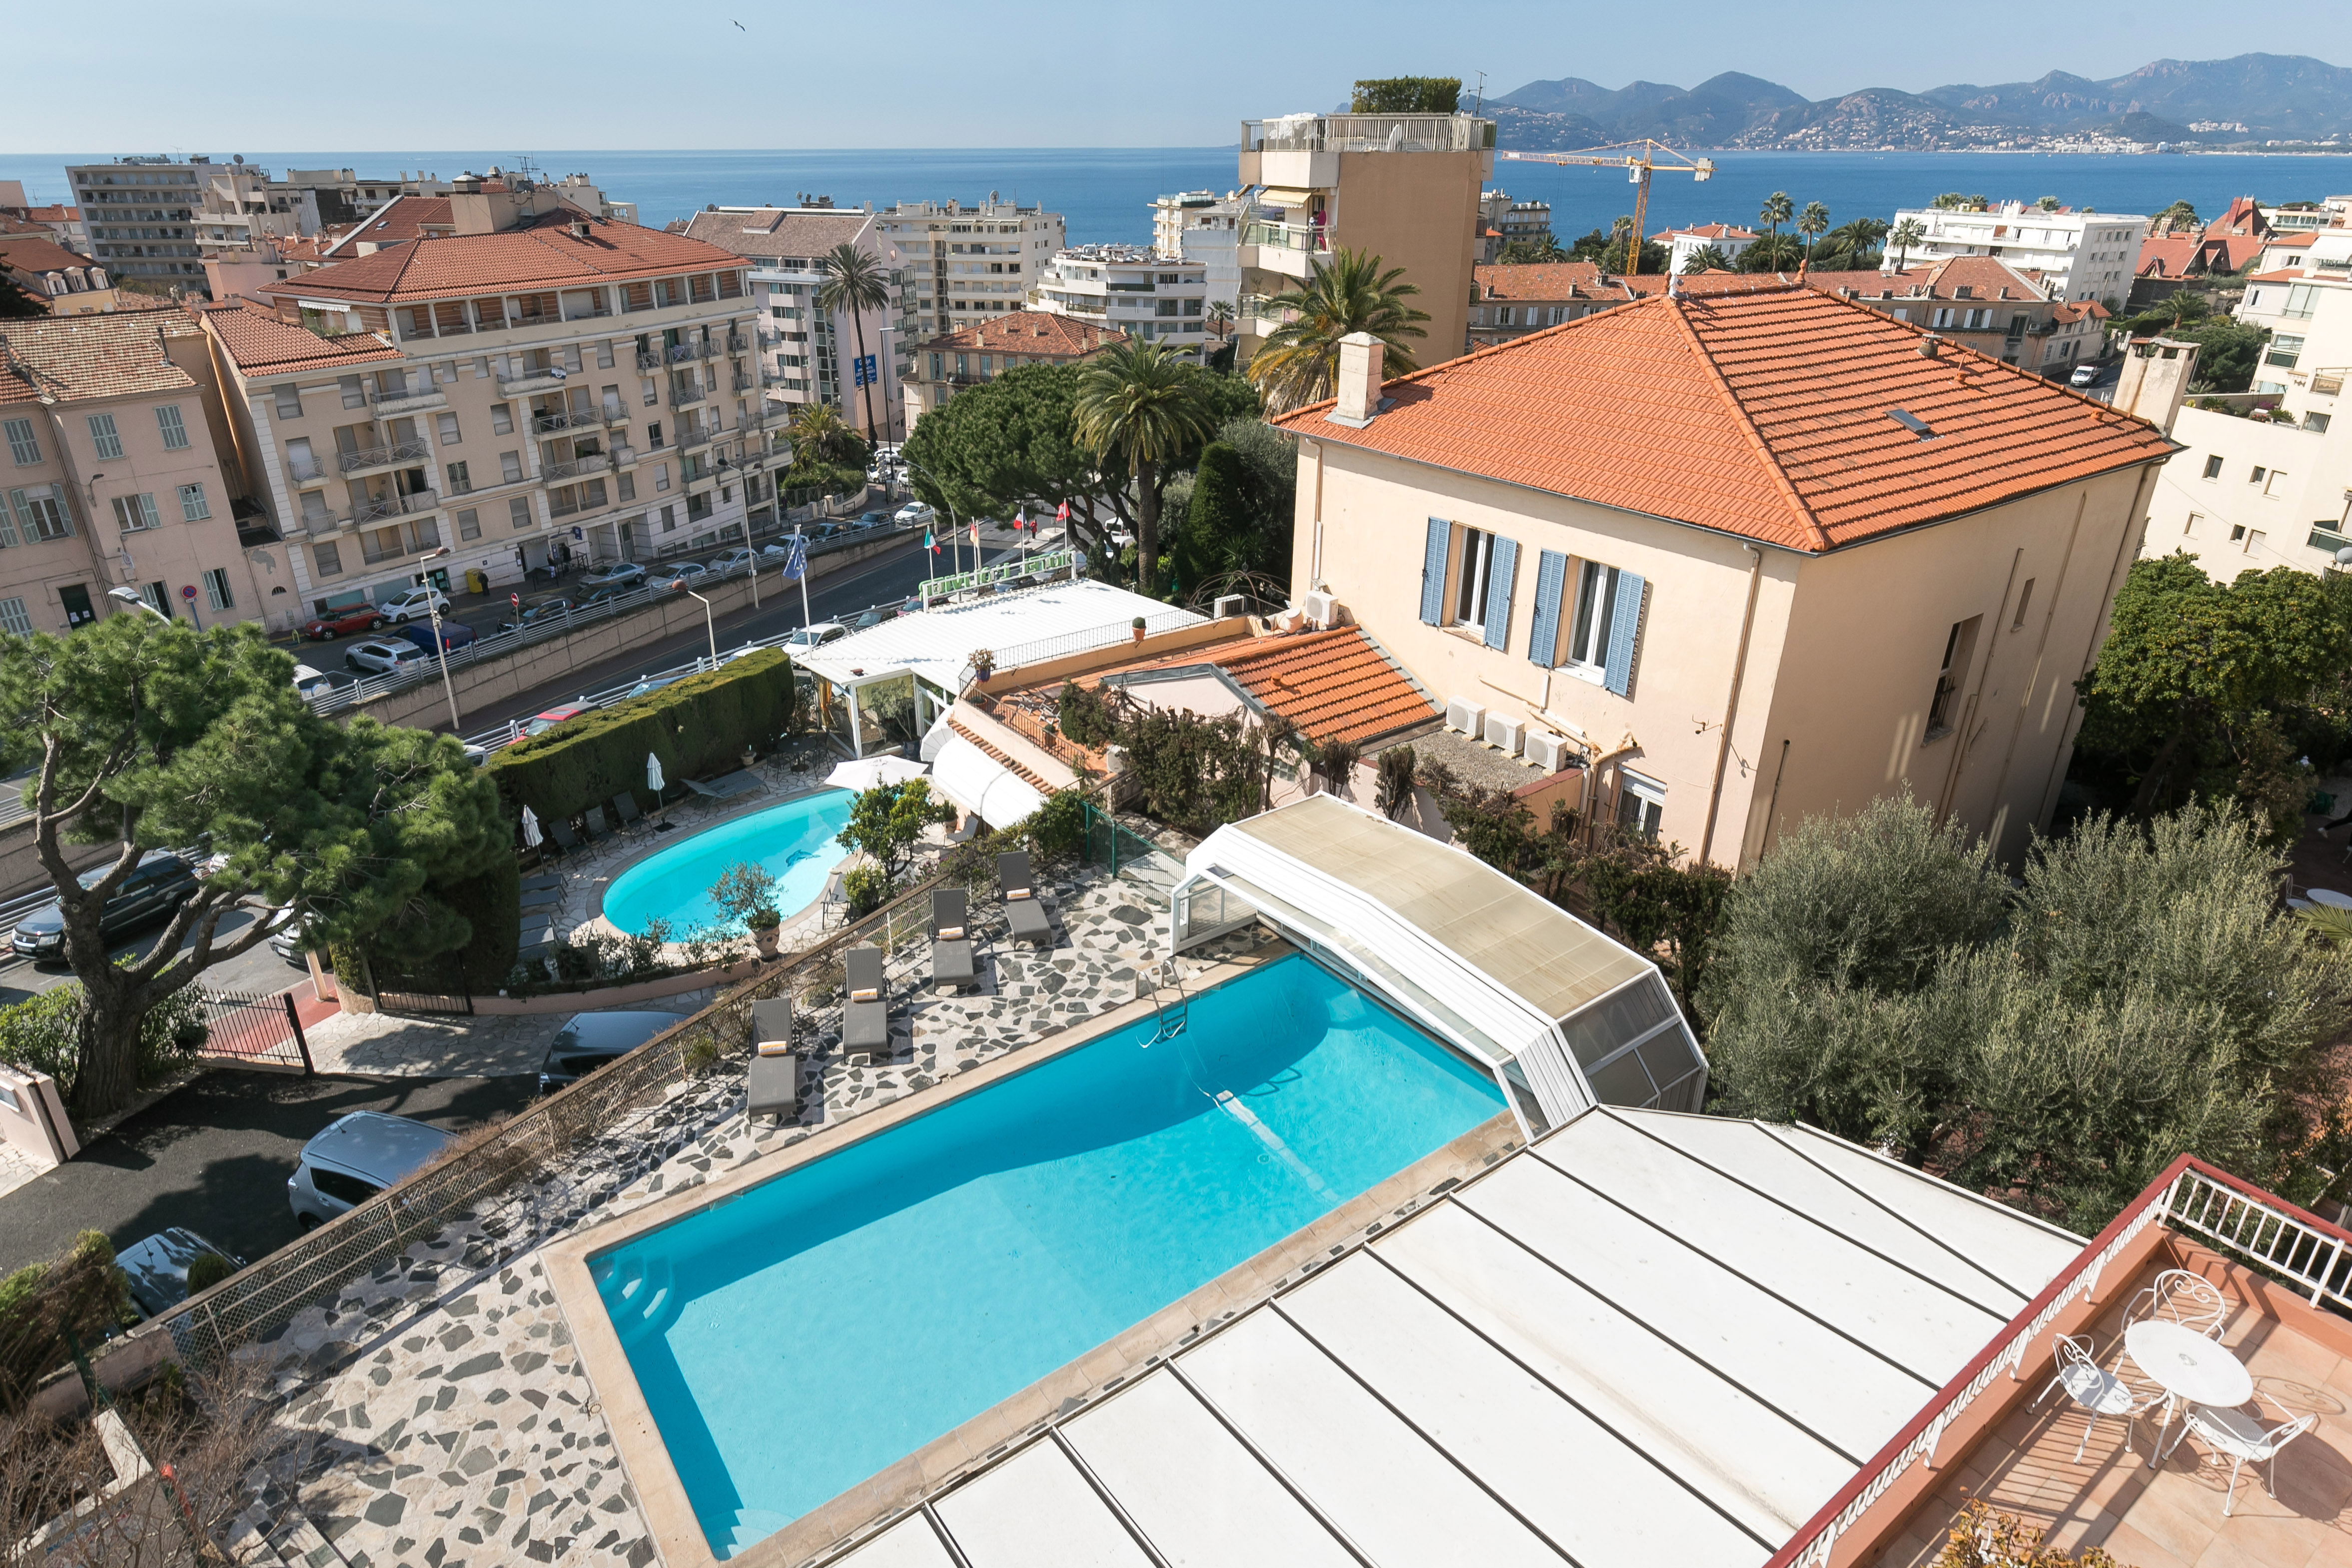 Piscine de l'Hôtel des Orangers Cannes